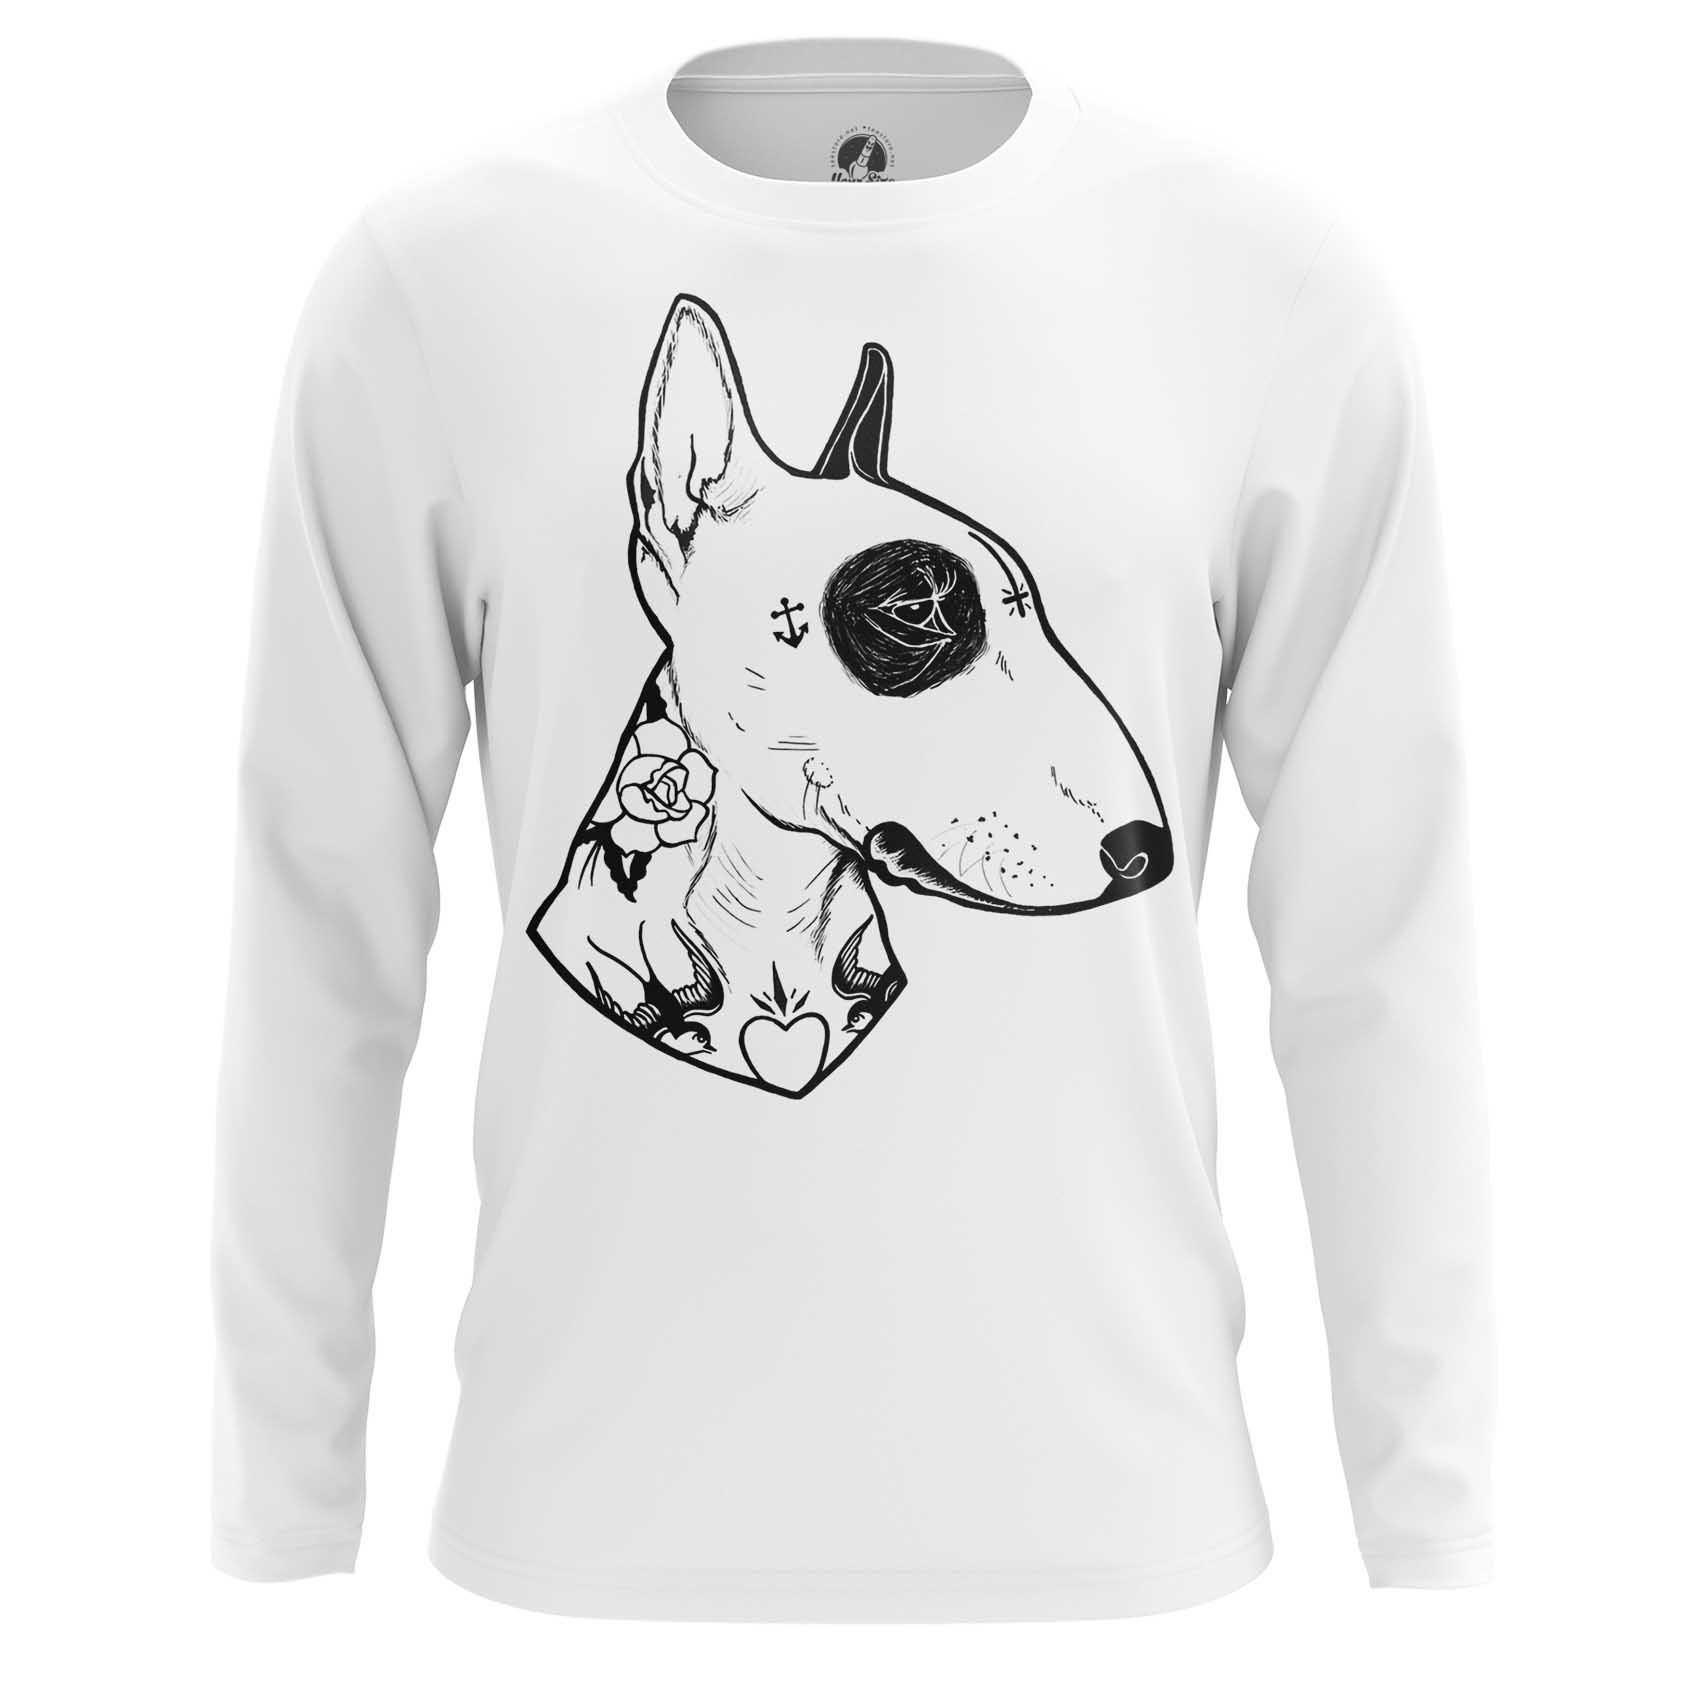 Merchandise T-Shirt Bull Terrier Black White